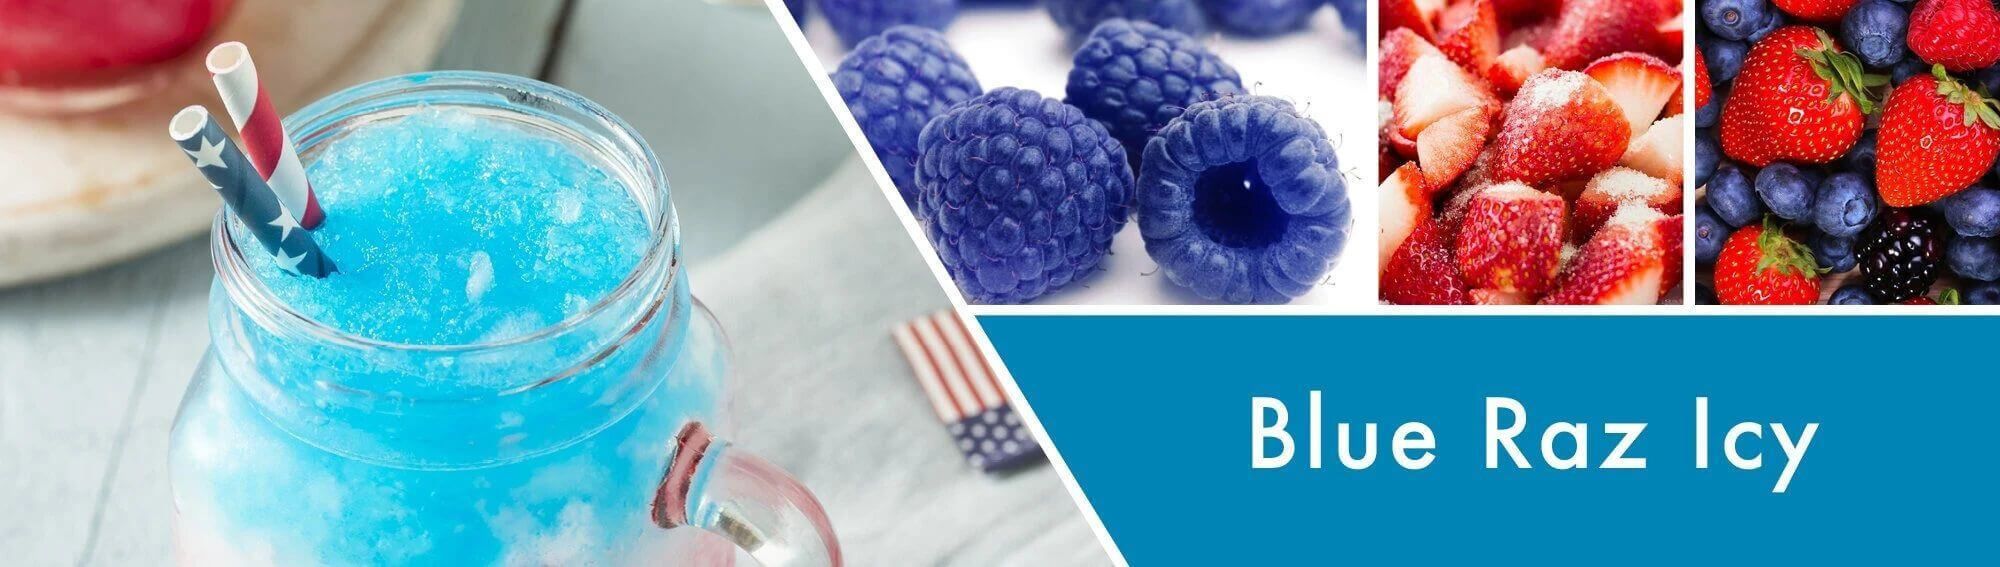 Blue-Raz-Icy-Canlde-Fragrance